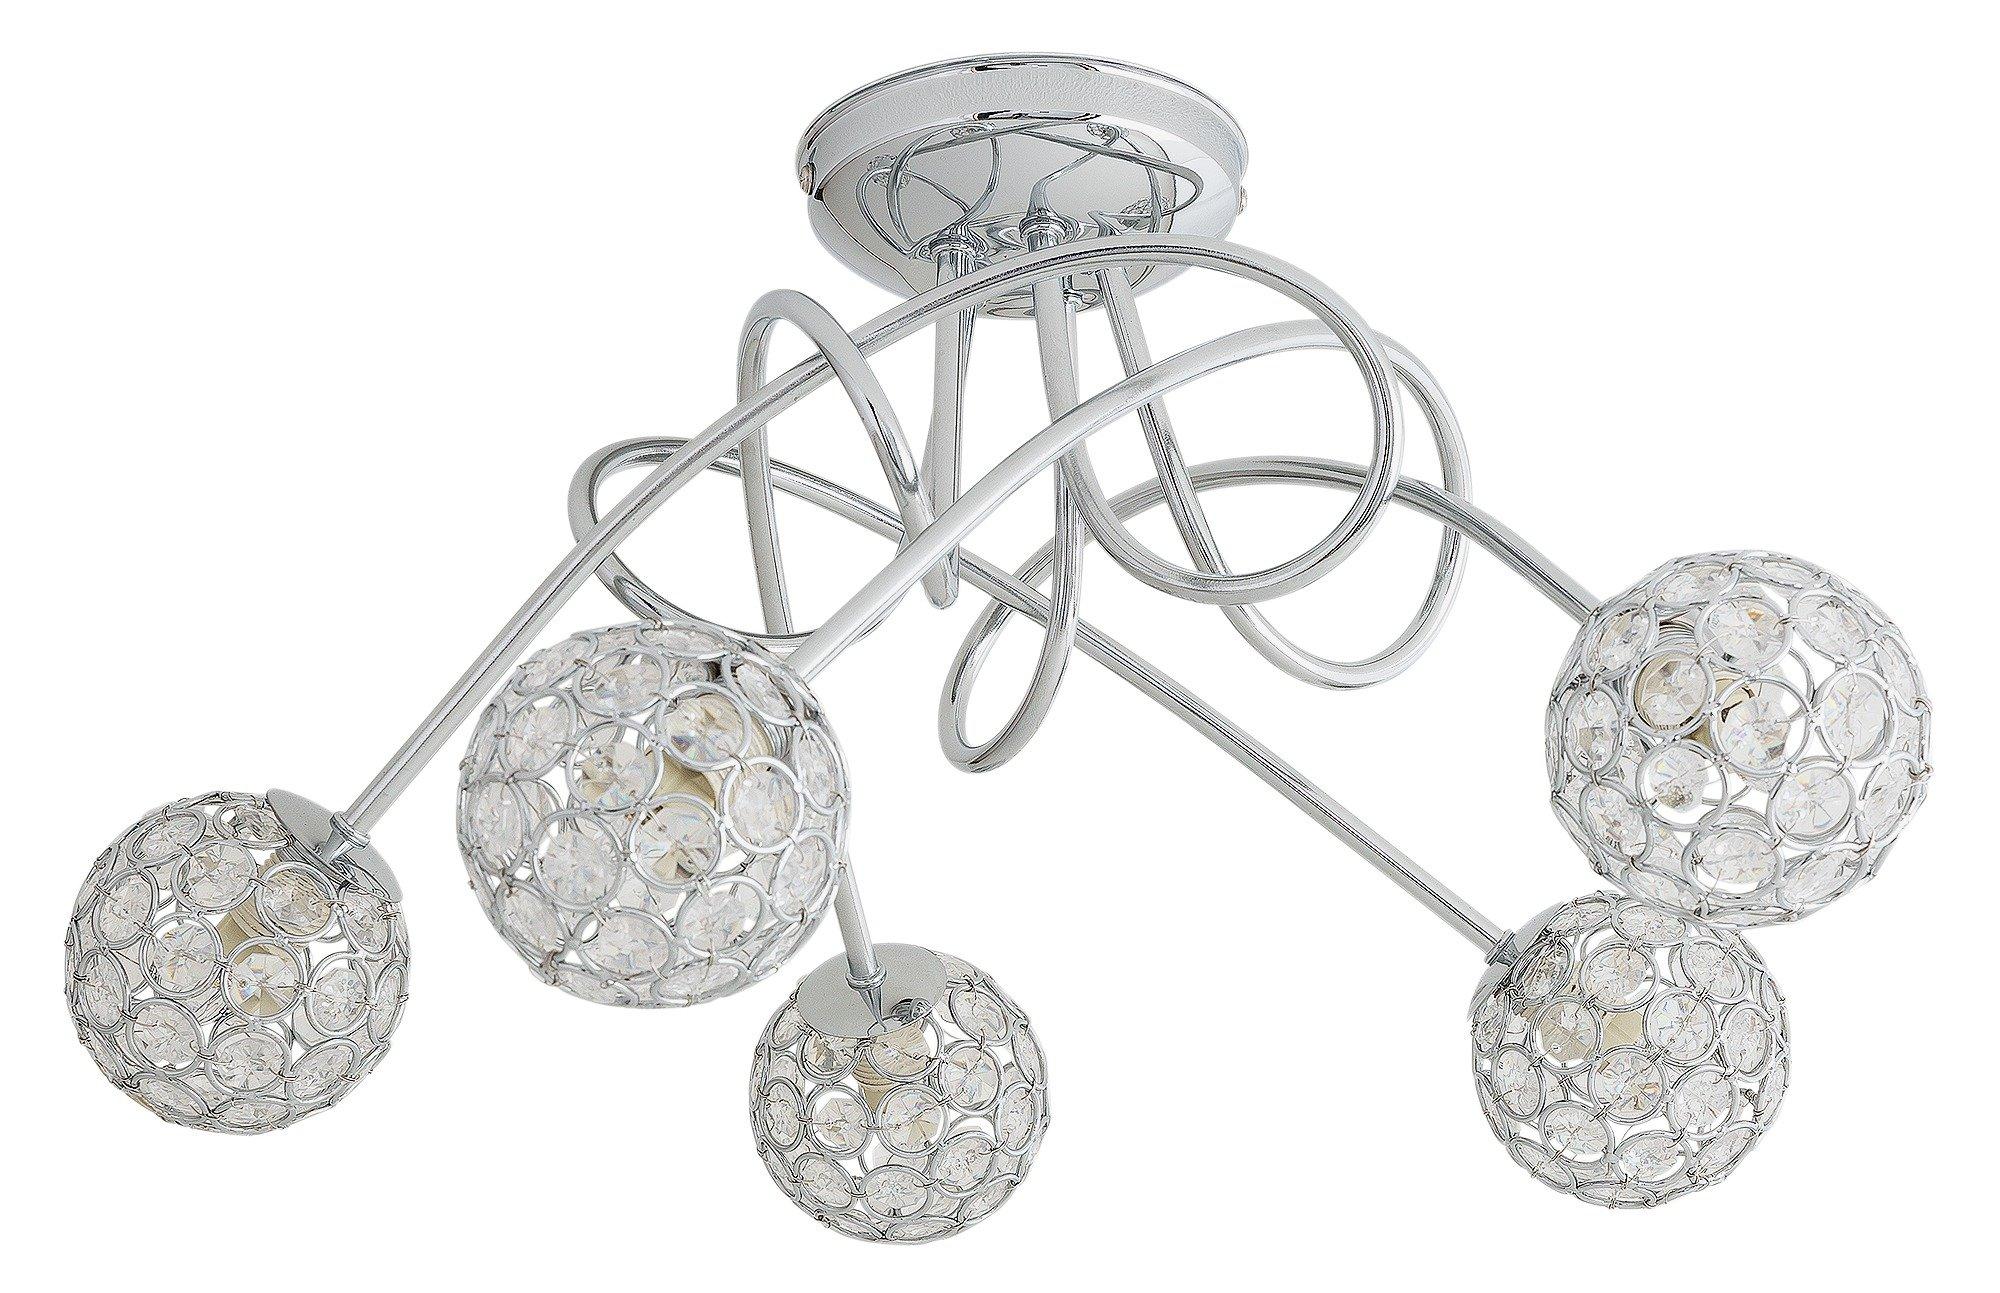 Argos Home – Amelia 5 Light Beaded Globes Ceiling Light £33.33 @ Argos